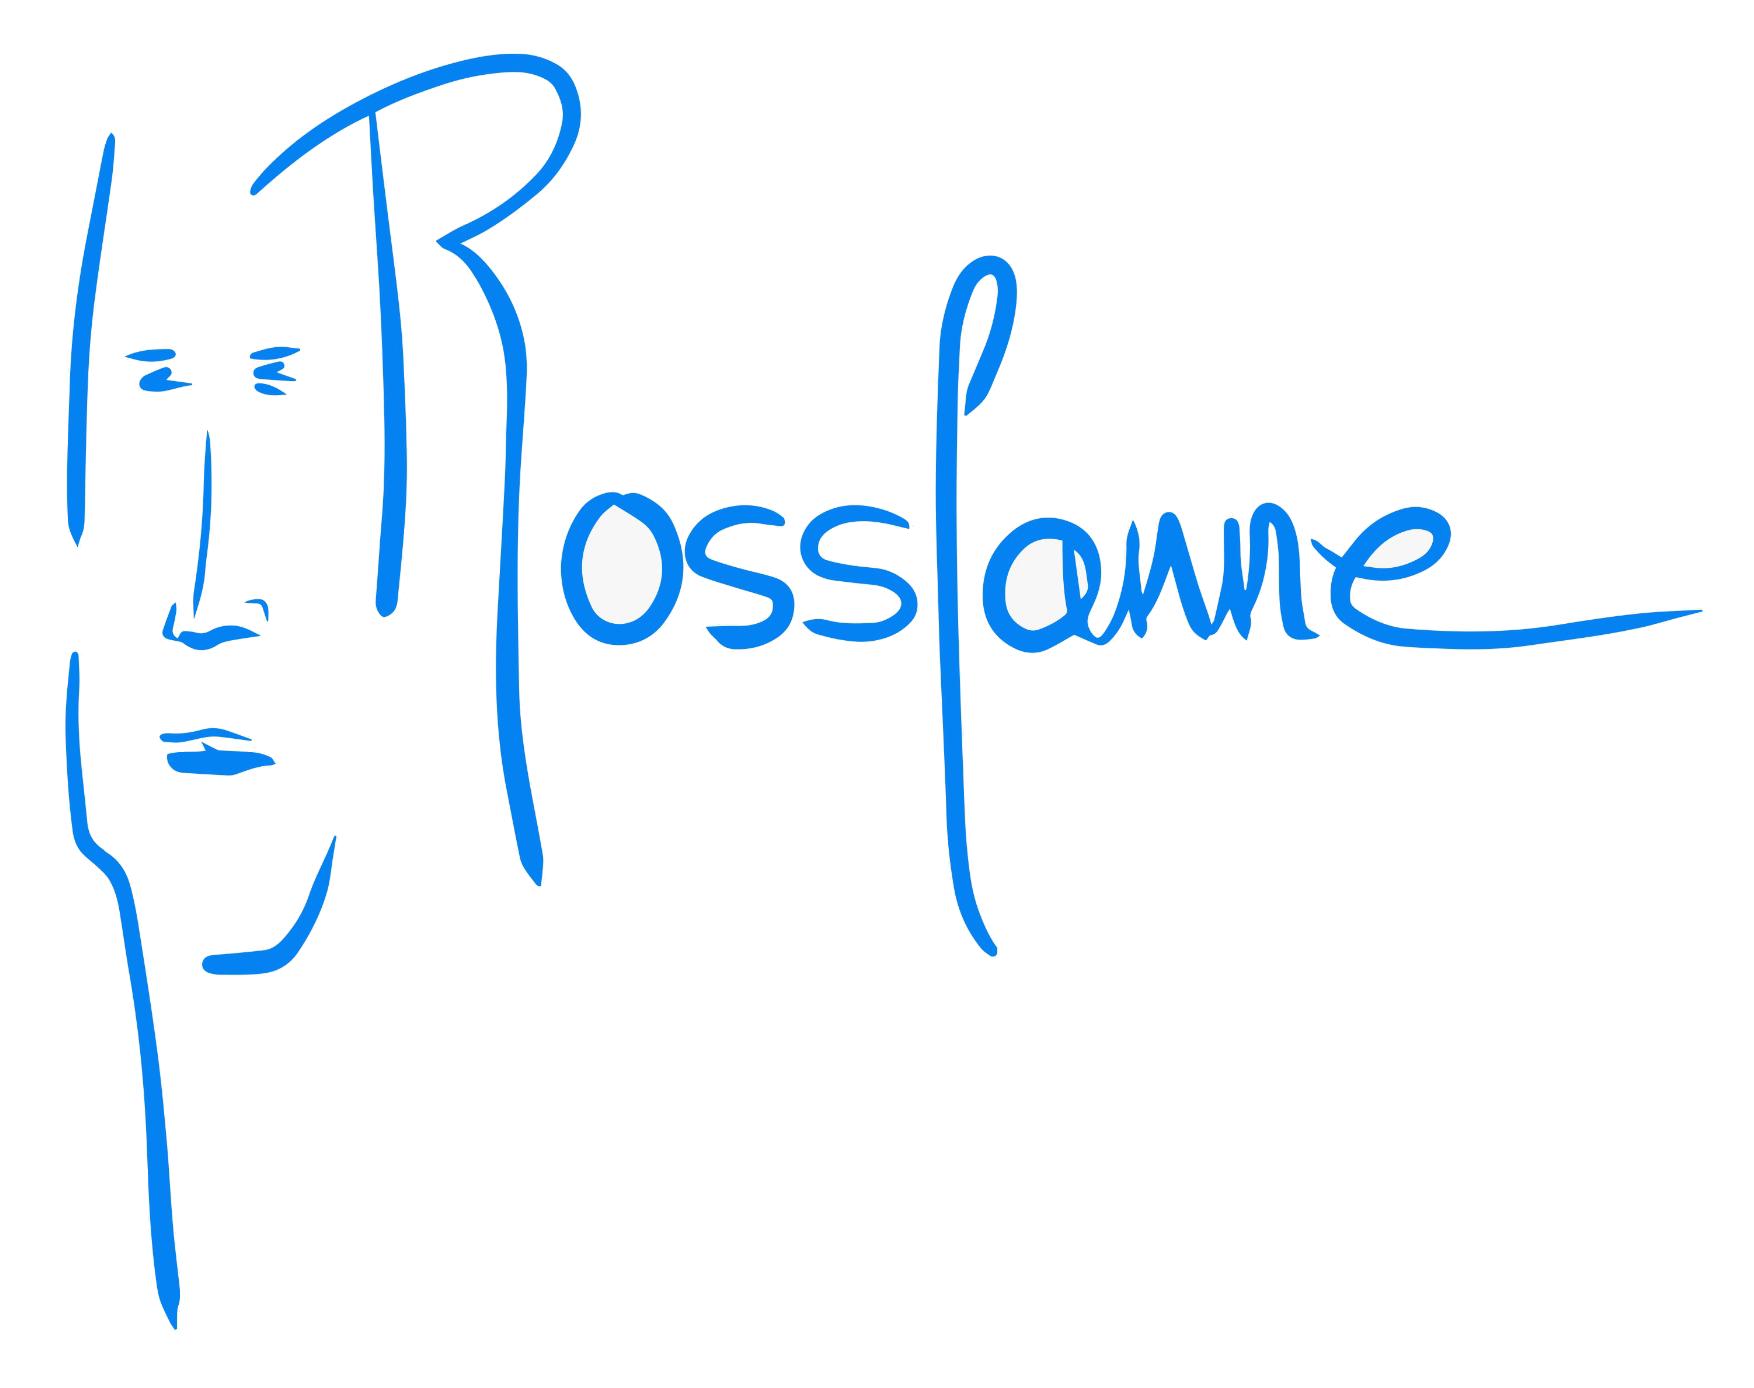 Rosslanne